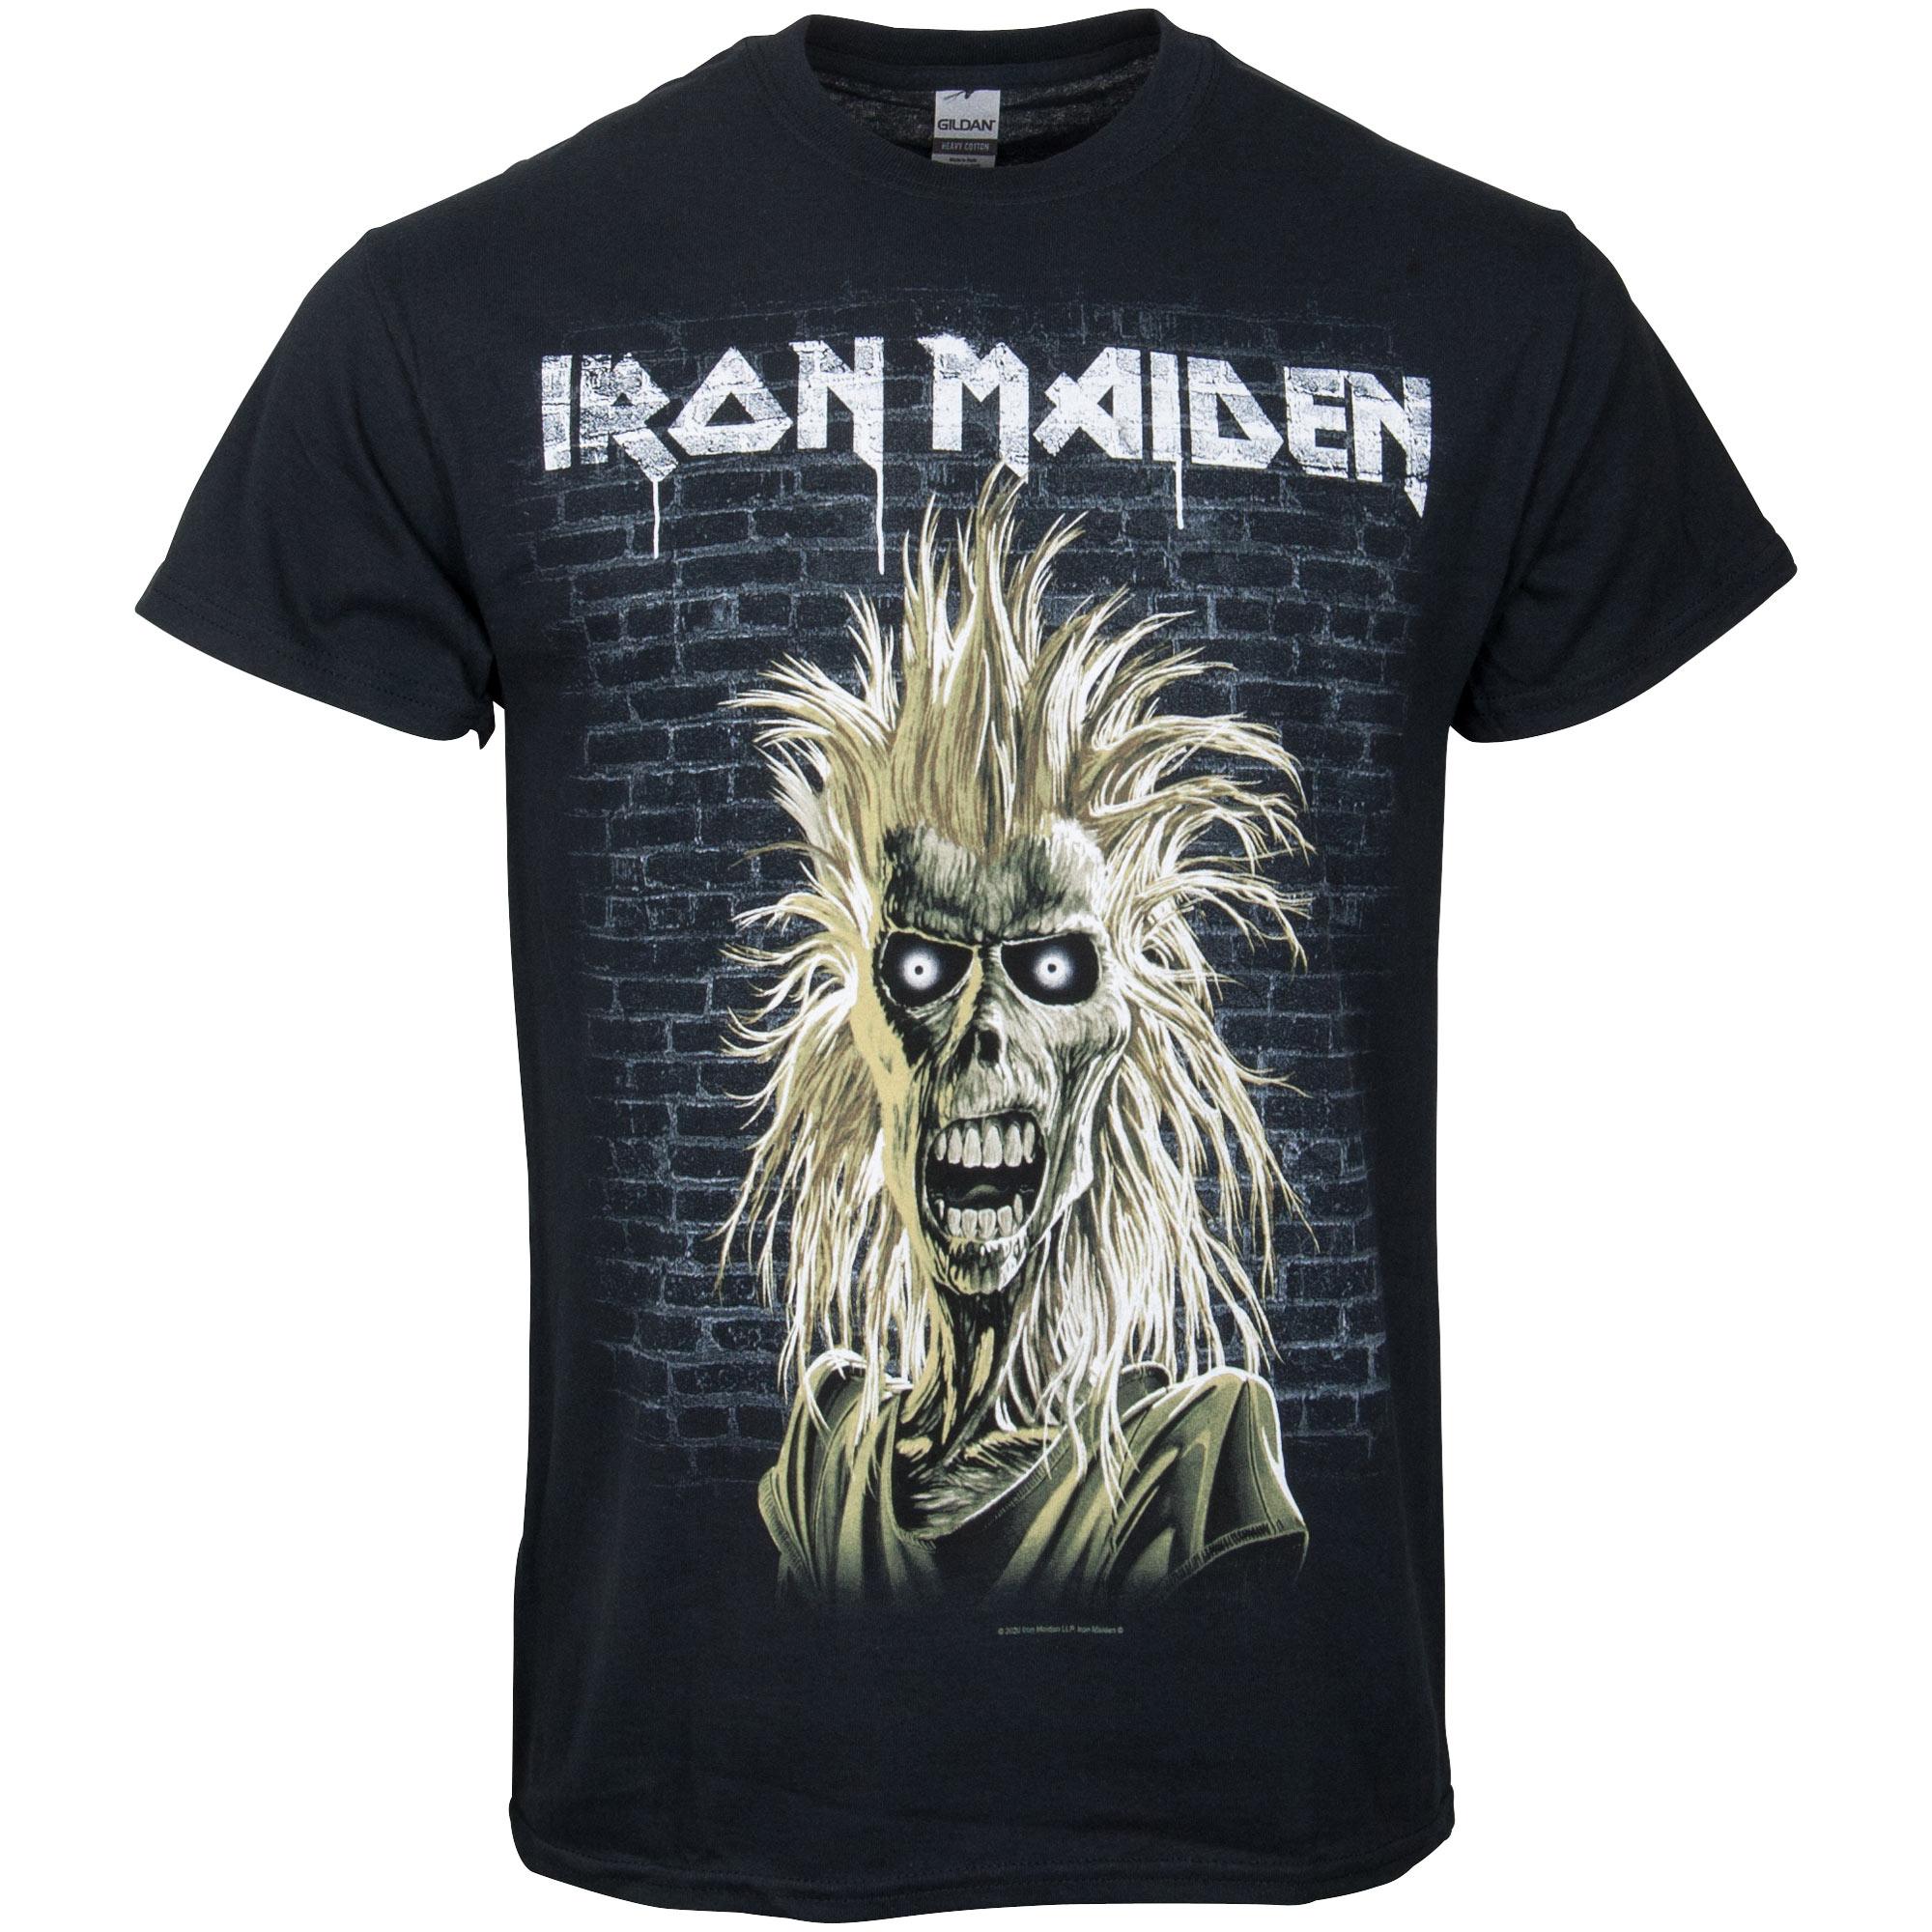 Iron Maiden - T-Shirt Eddy 40th Anniversary - schwarz